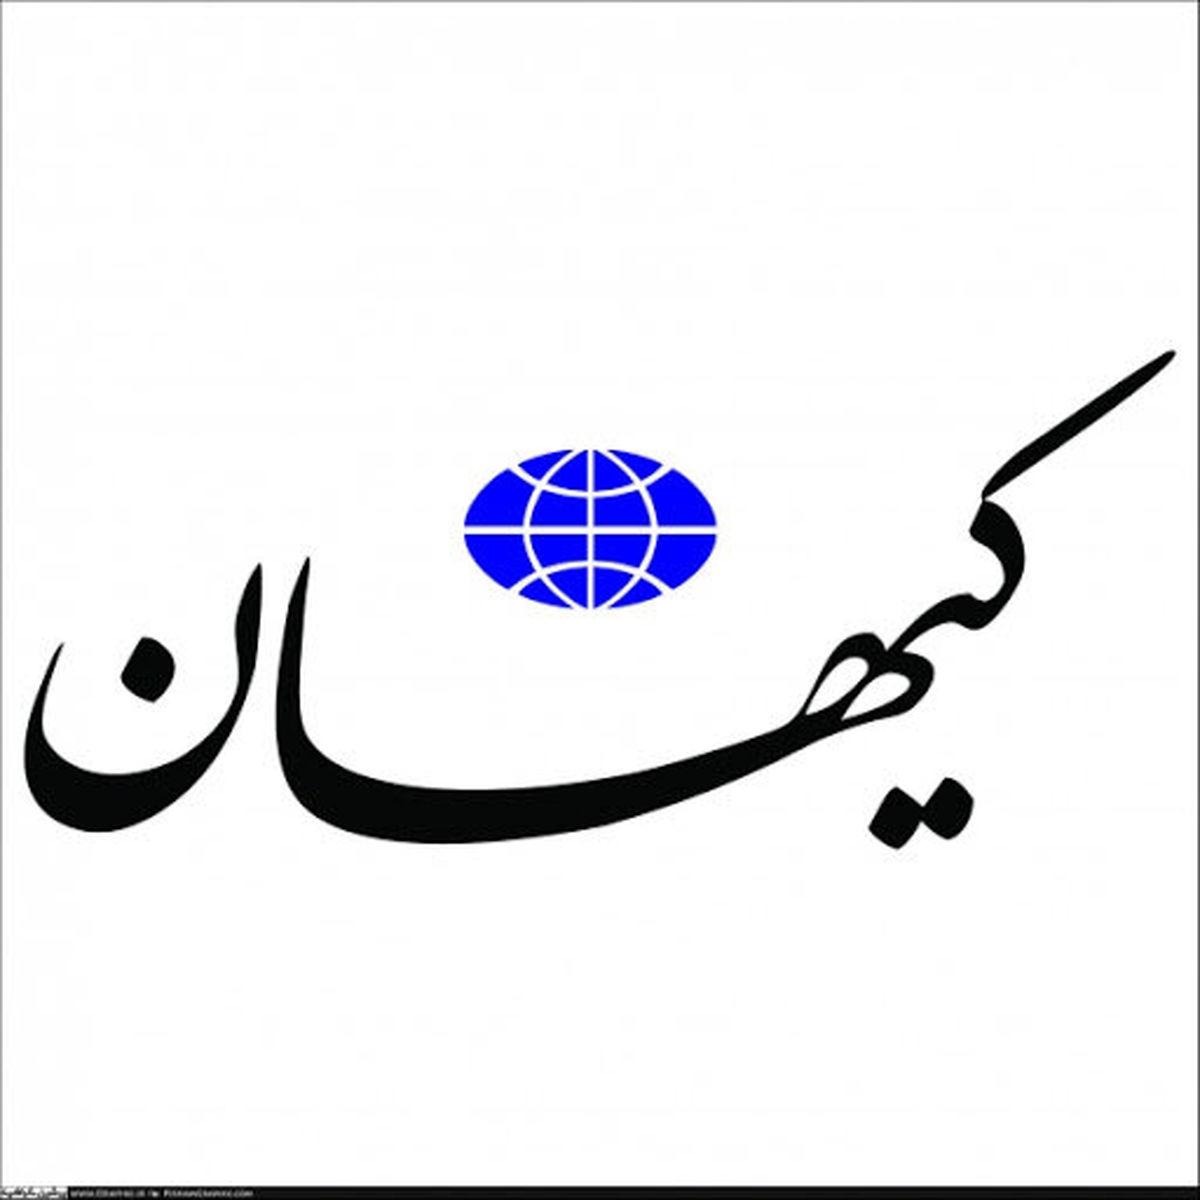 انتقاد تند کیهان از دولت روحانی برای افزایش حقوق بازنشستگان